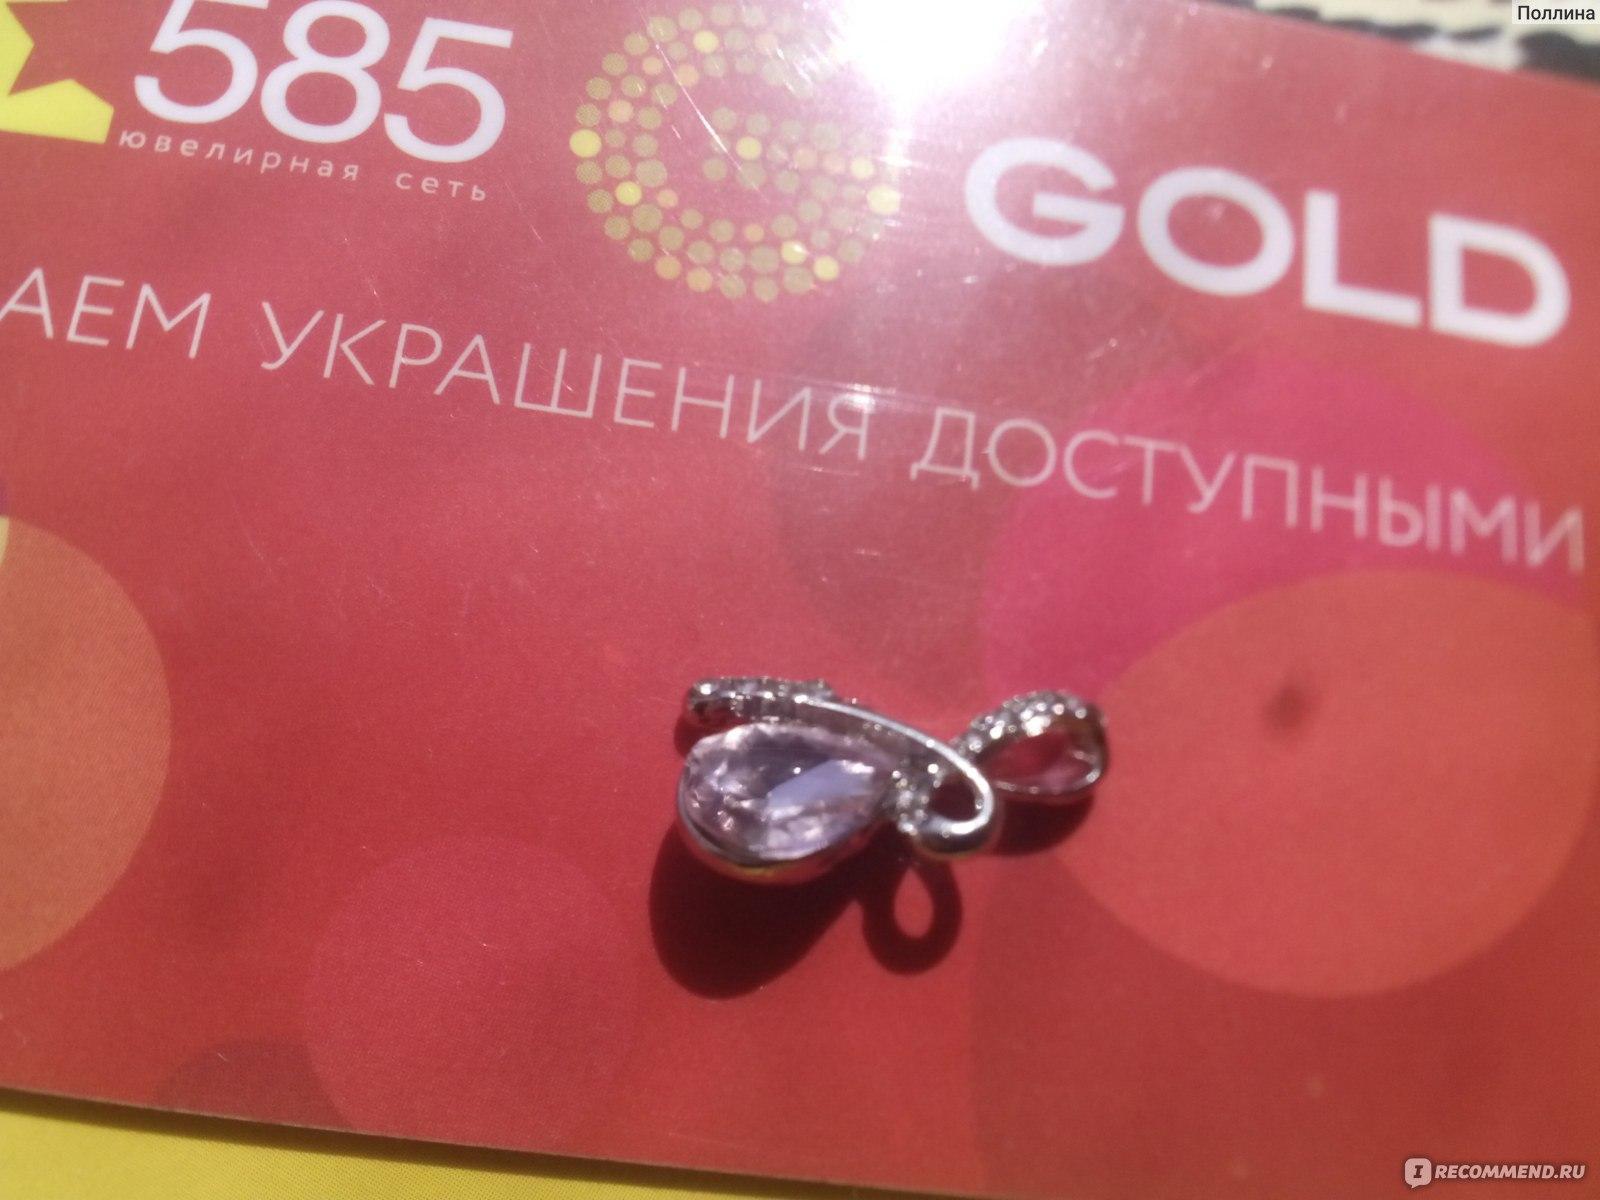 Подарки от 585 голд по коду 68